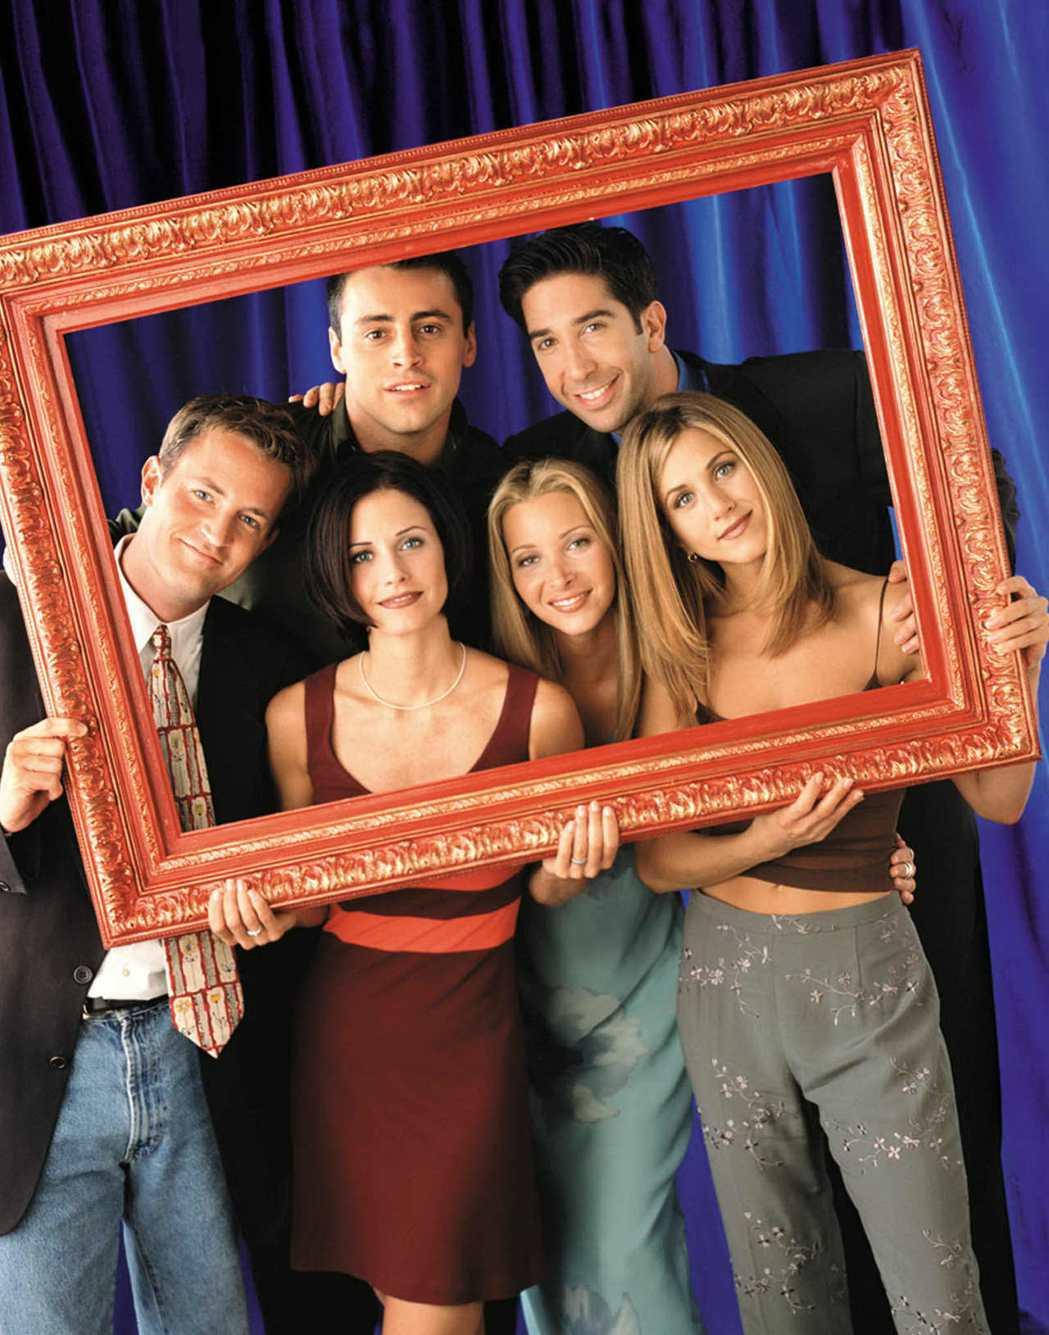 「六人行」至今仍是影音串流平台上的高收視人氣夯劇。圖/路透資料照片